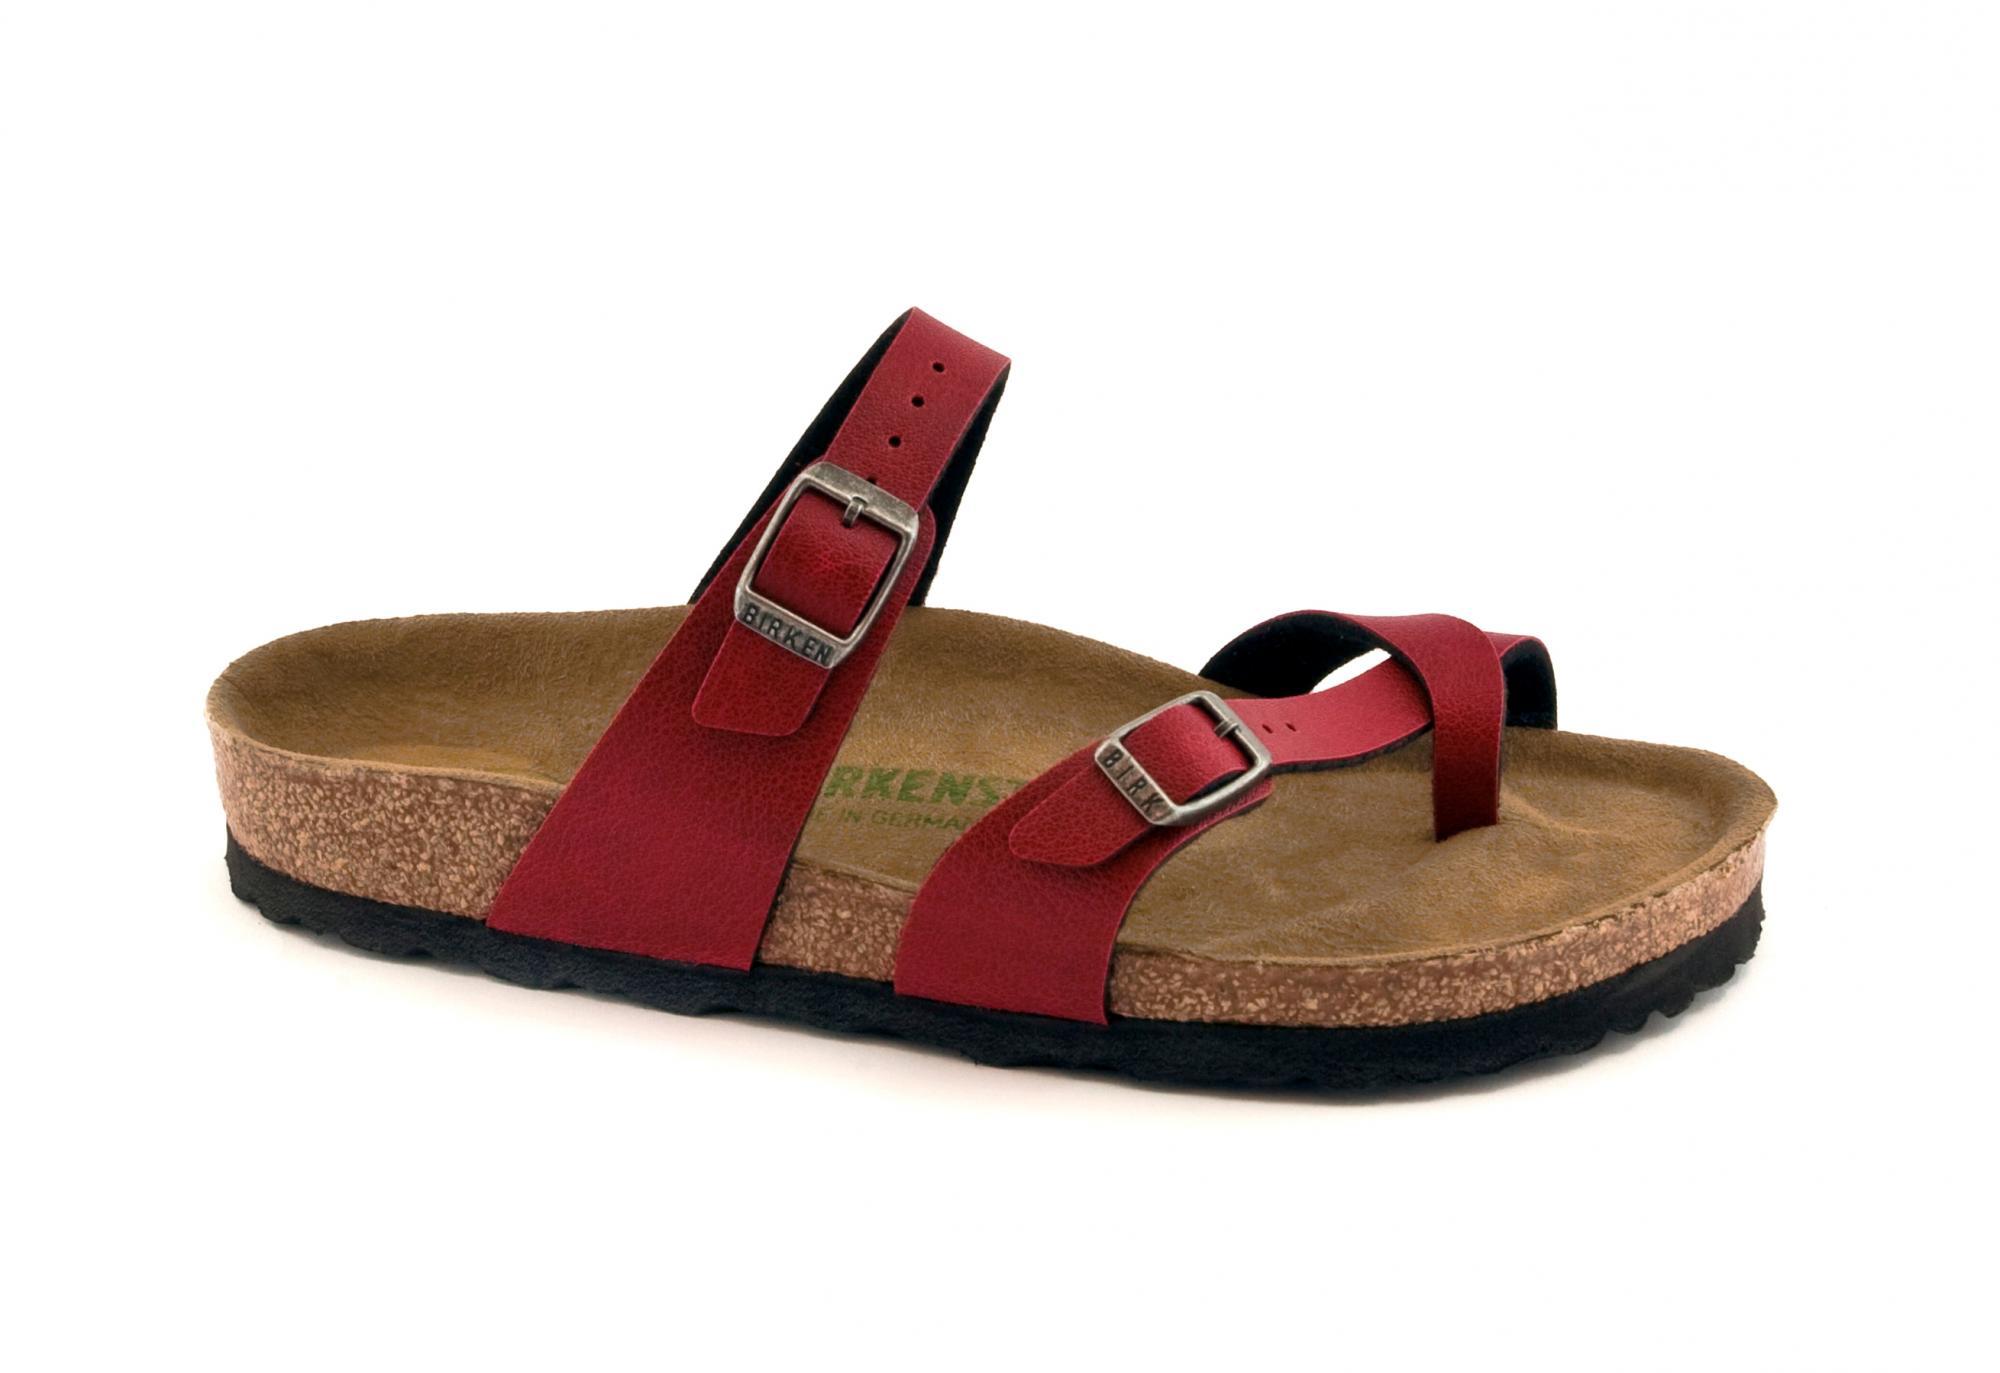 b76d121db1d123 BIRKENSTOCK Mayari Hausschuhe Frauen Flip-Flops vegane Schuhe Schnallen -  VeganShoes.it